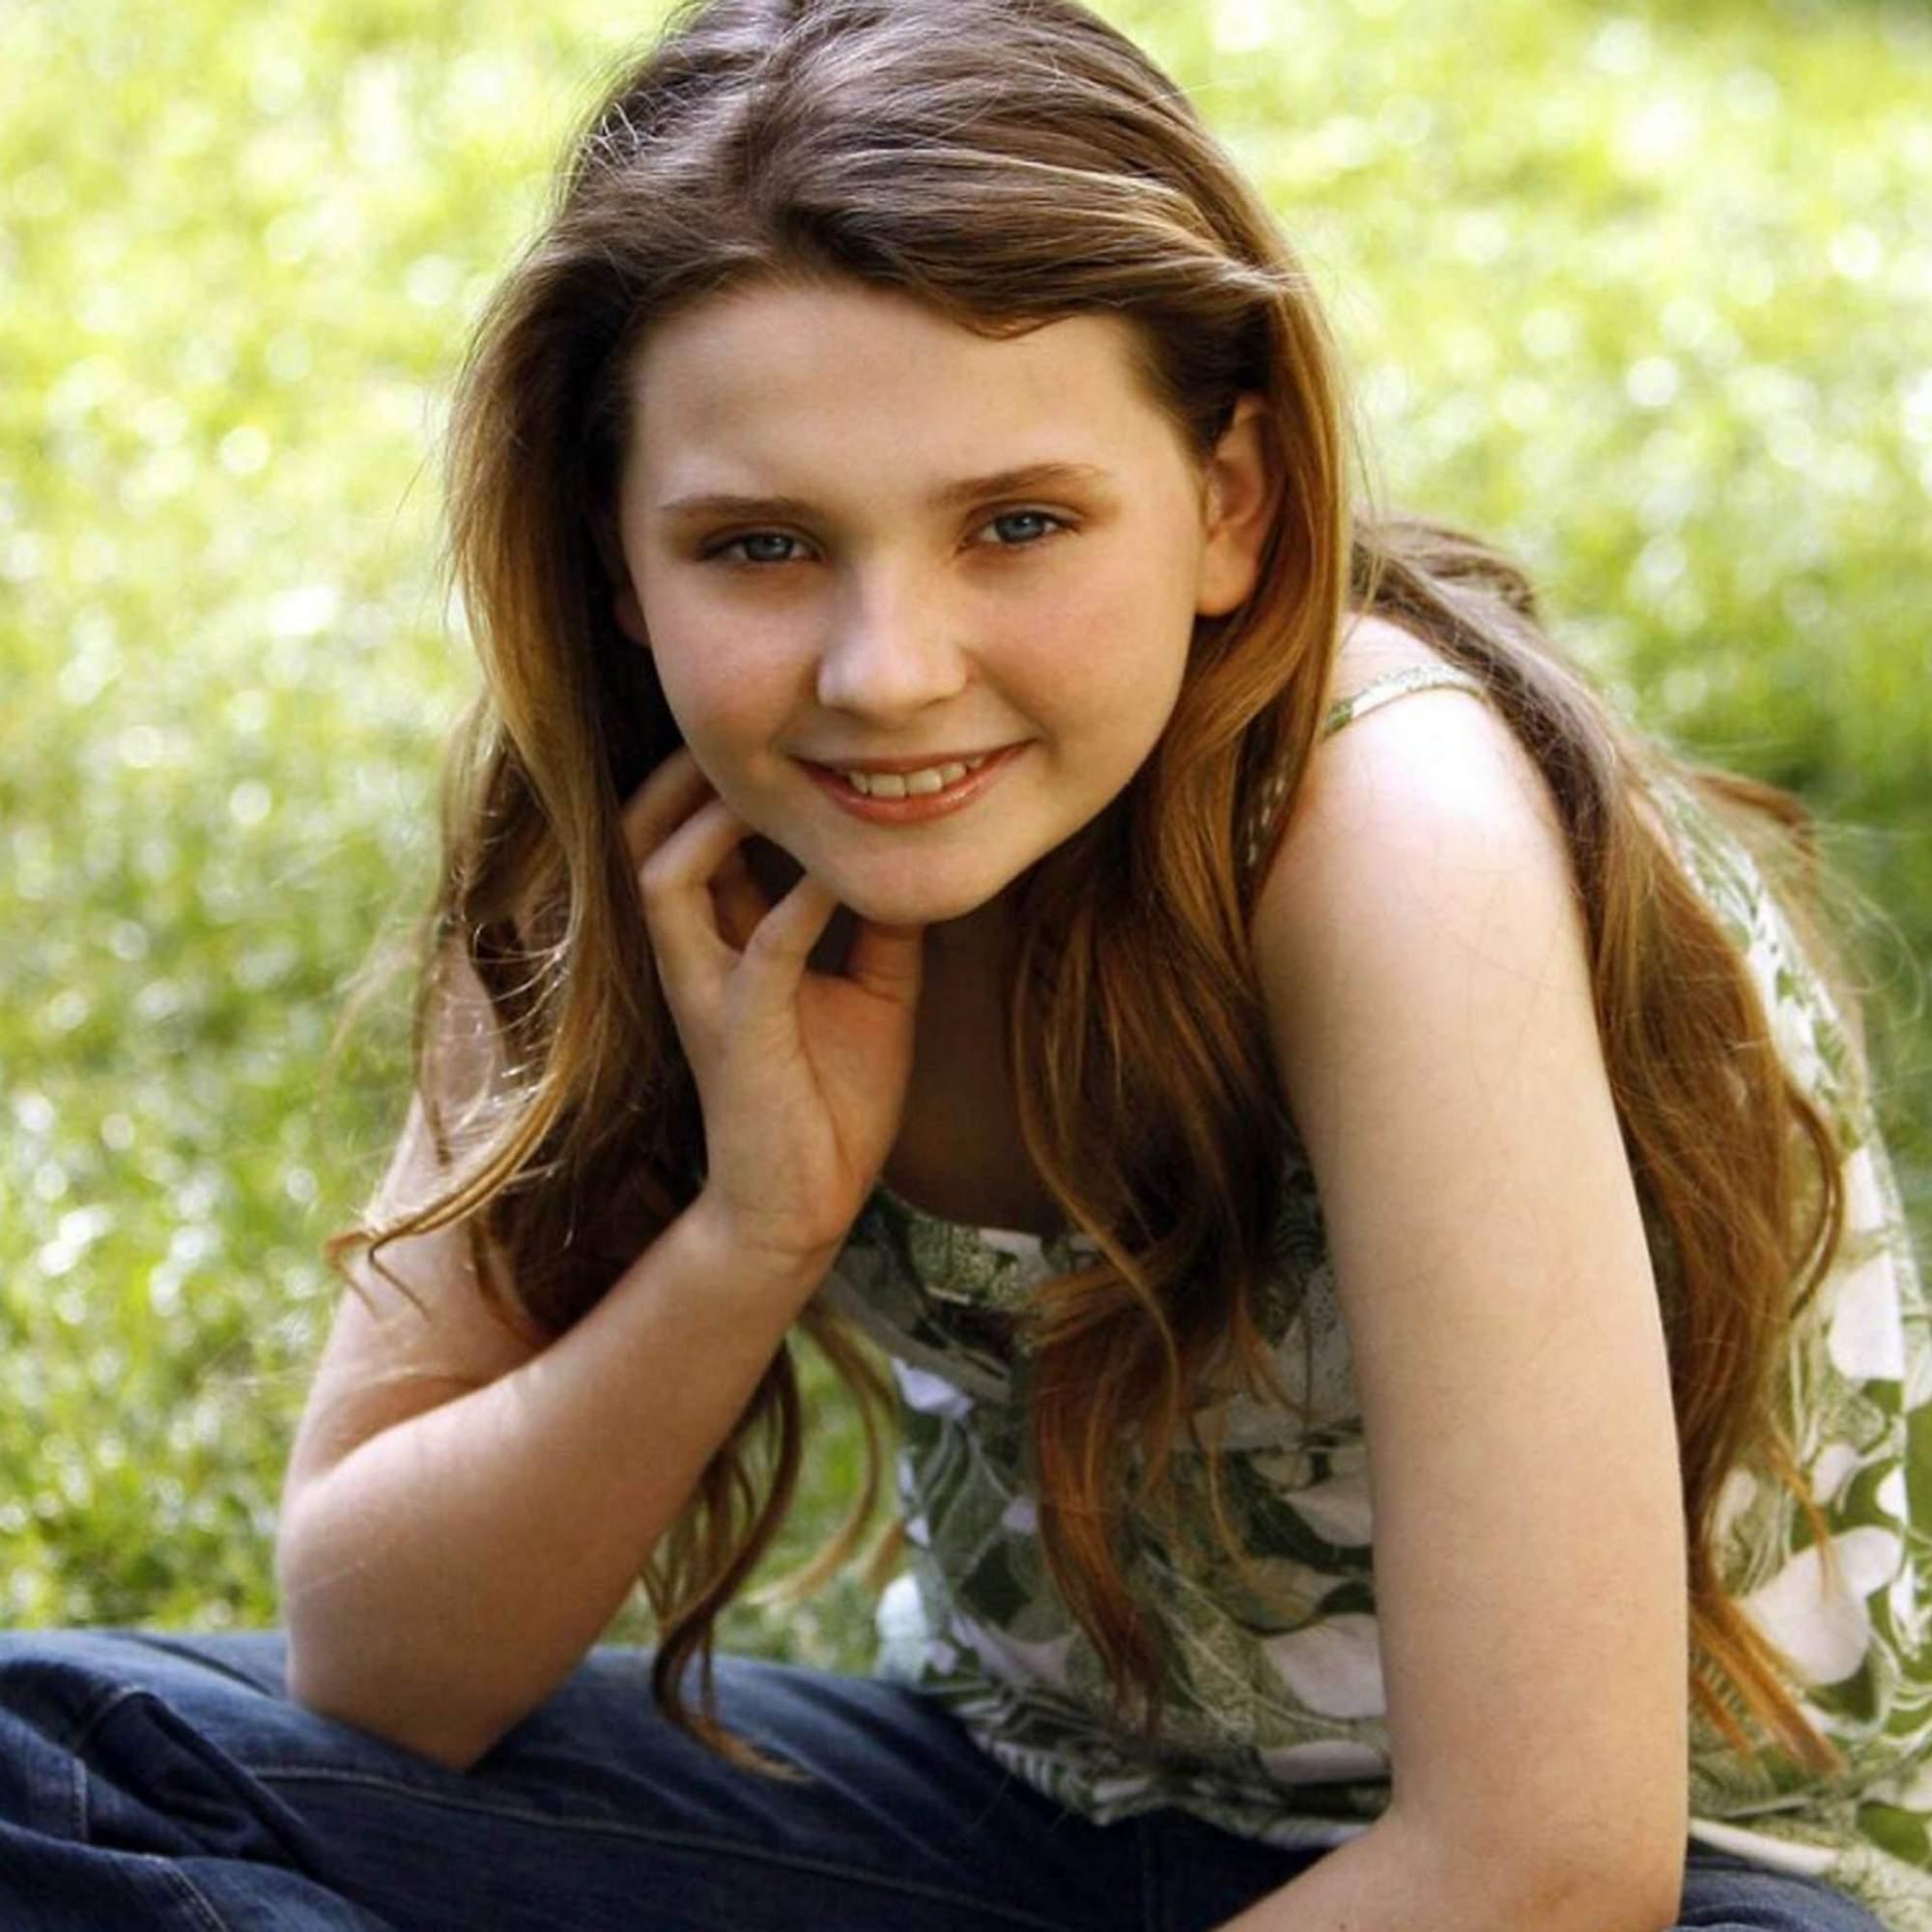 Фото детей 13 лет женщине